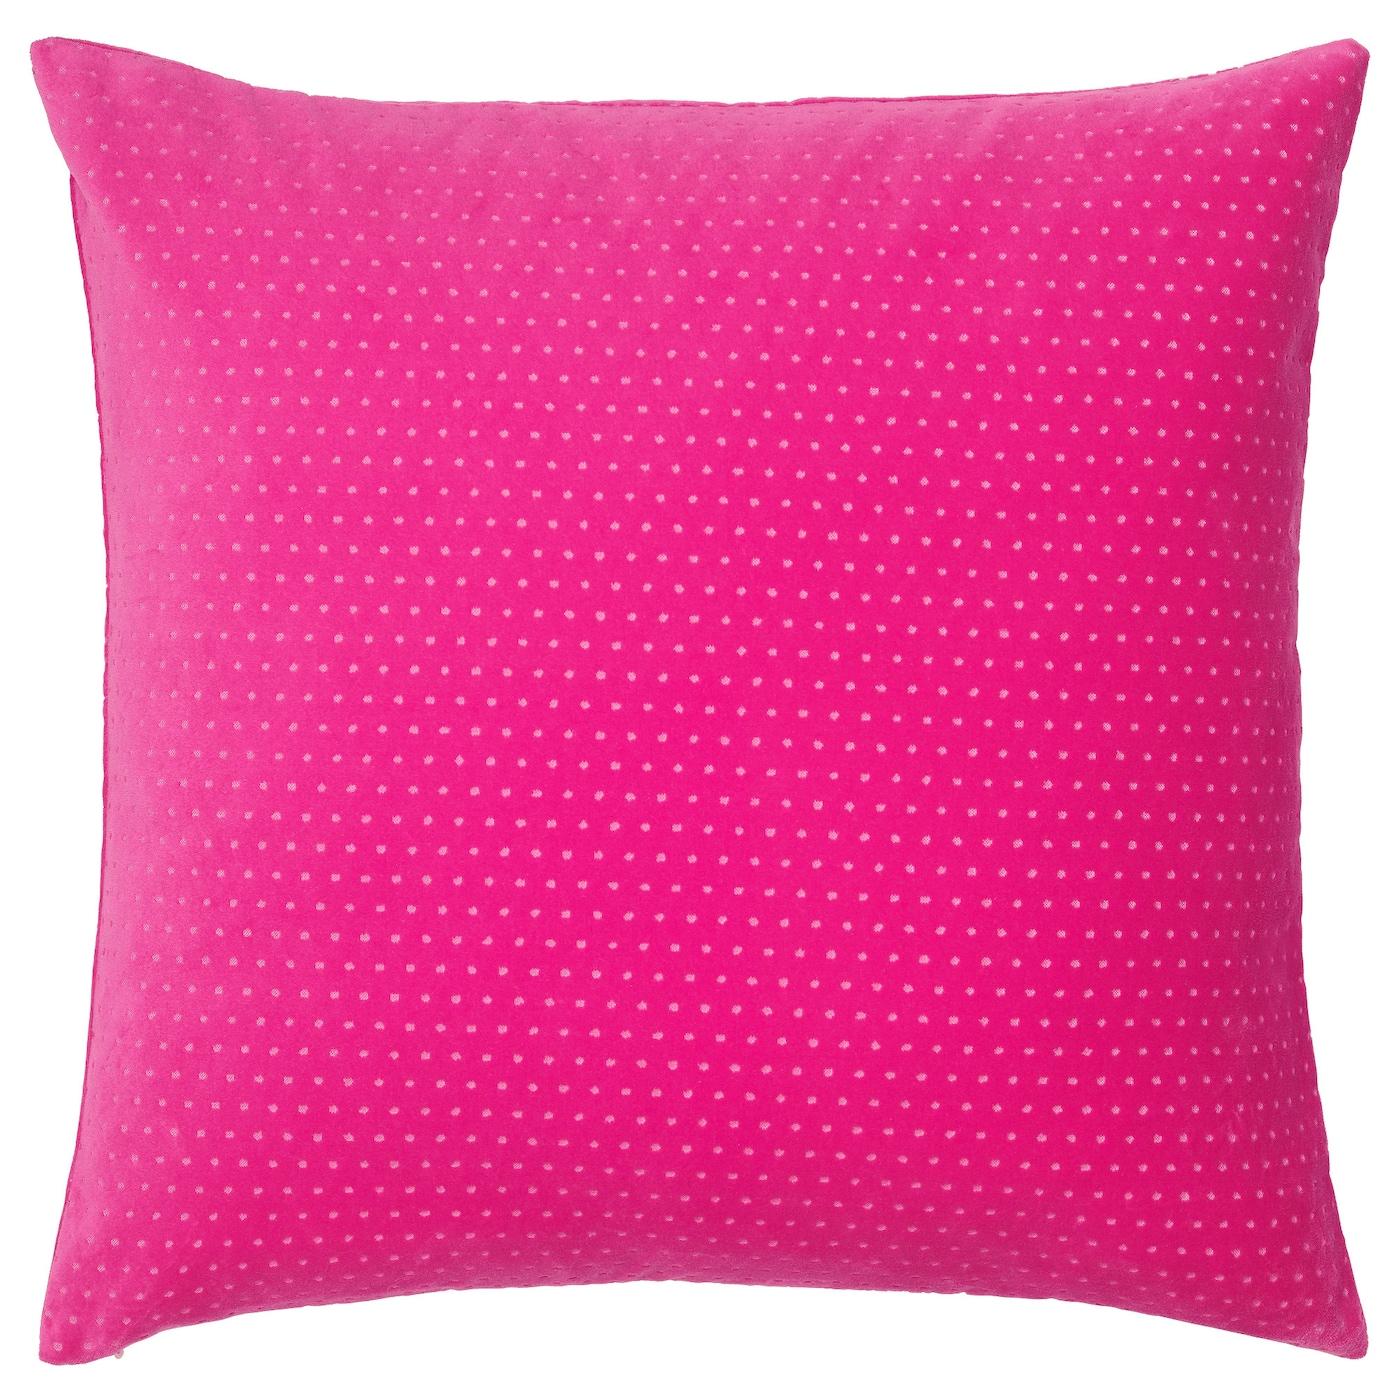 ikea cushions cushion covers ikea ireland dublin. Black Bedroom Furniture Sets. Home Design Ideas